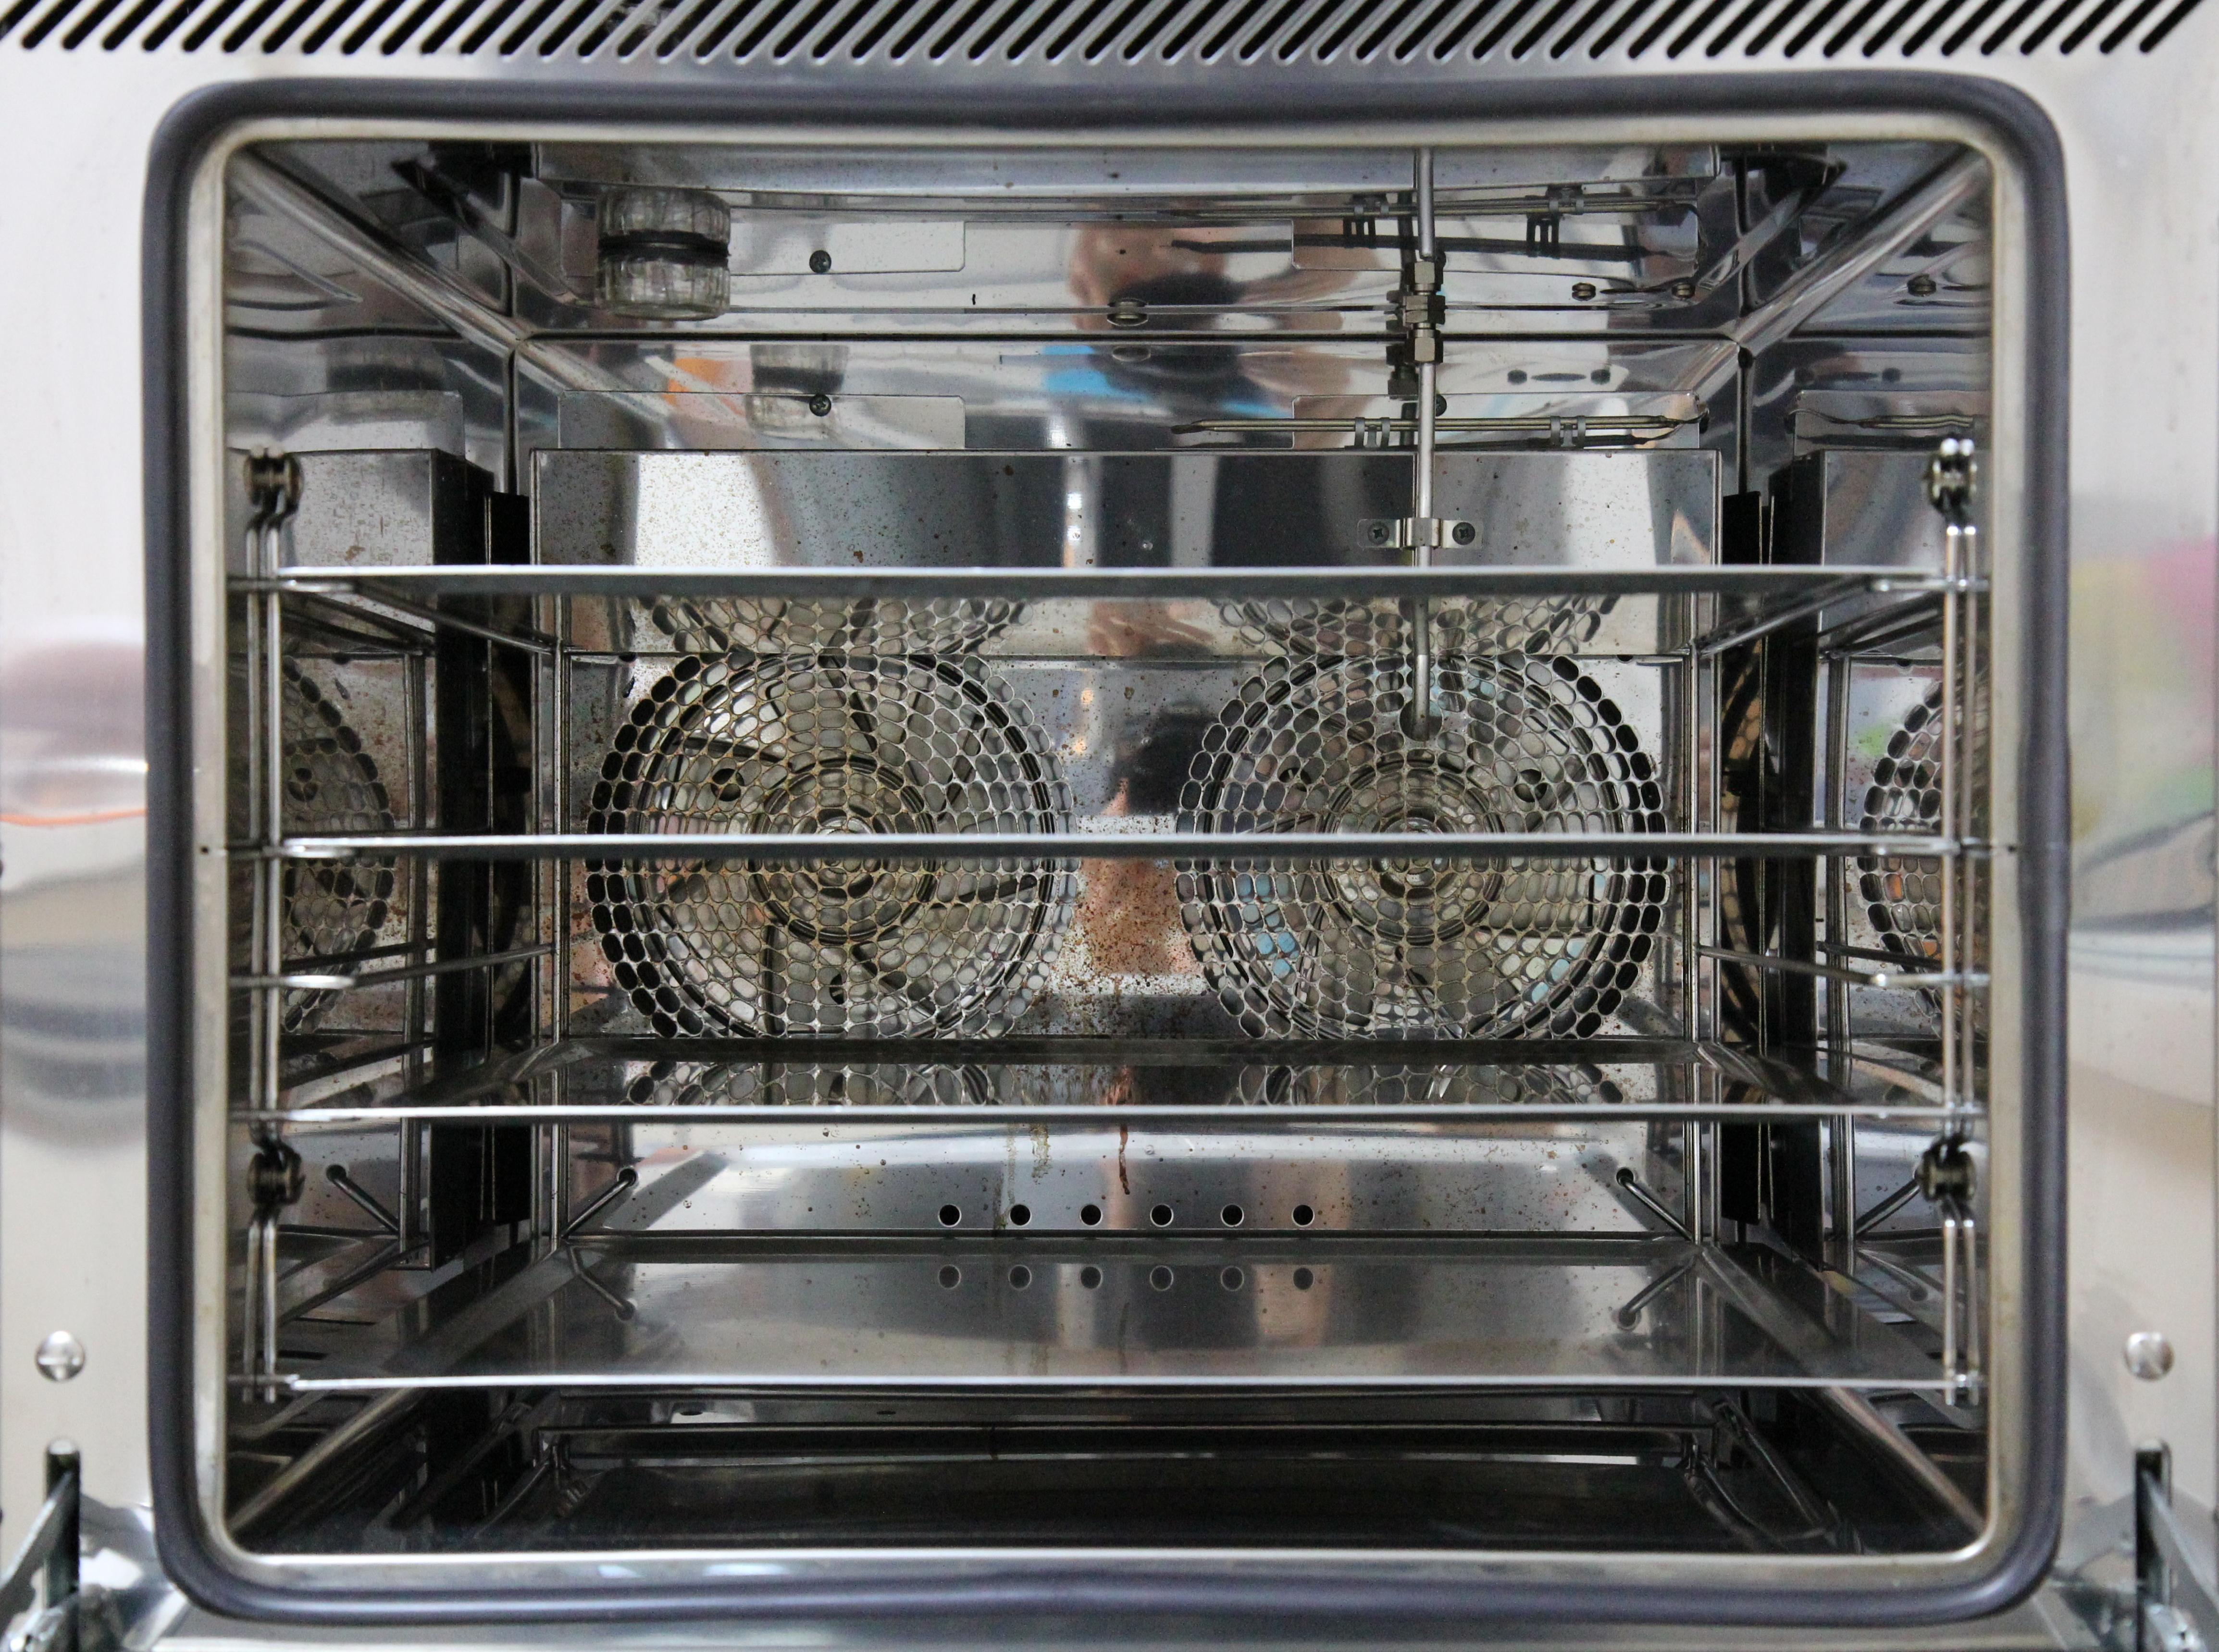 עדכני קונבקטו-מה? (מט) - הכל על התנור המקצועי לאופה הביתי | יובל משה OT-03